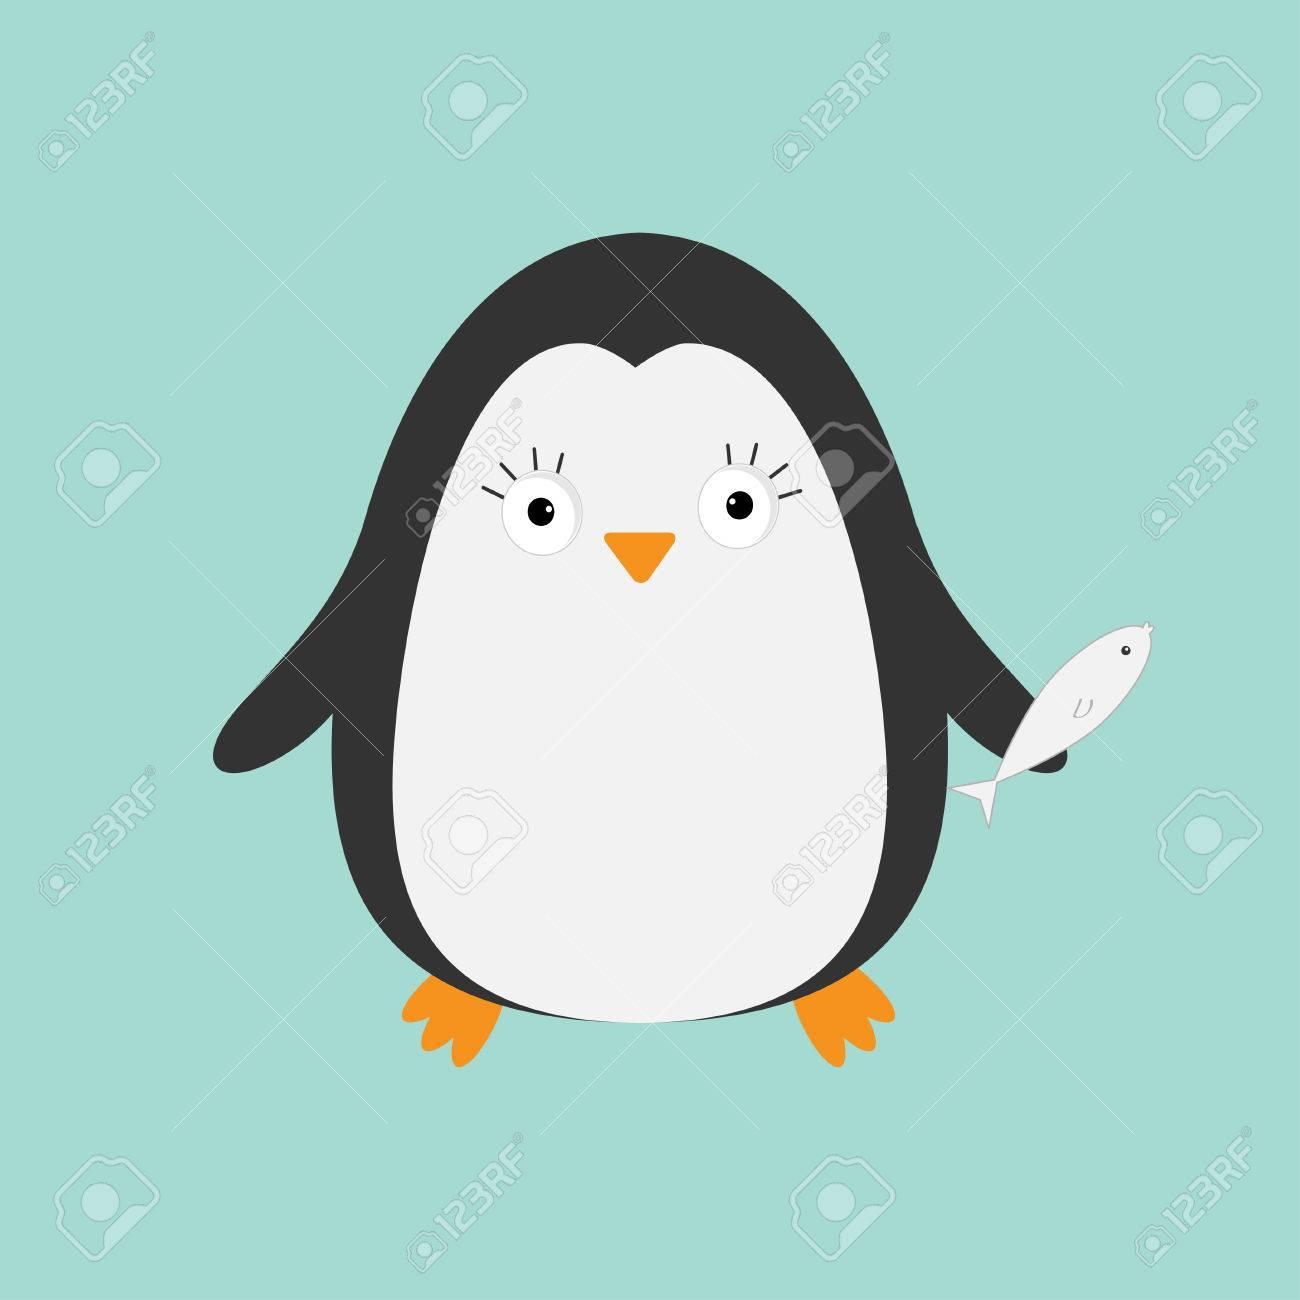 Penguin Au Poisson Personnage De Dessin Animé Mignon Collection D Animaux De L Arctique Bébé Oiseau Flat Design Vector Illustration